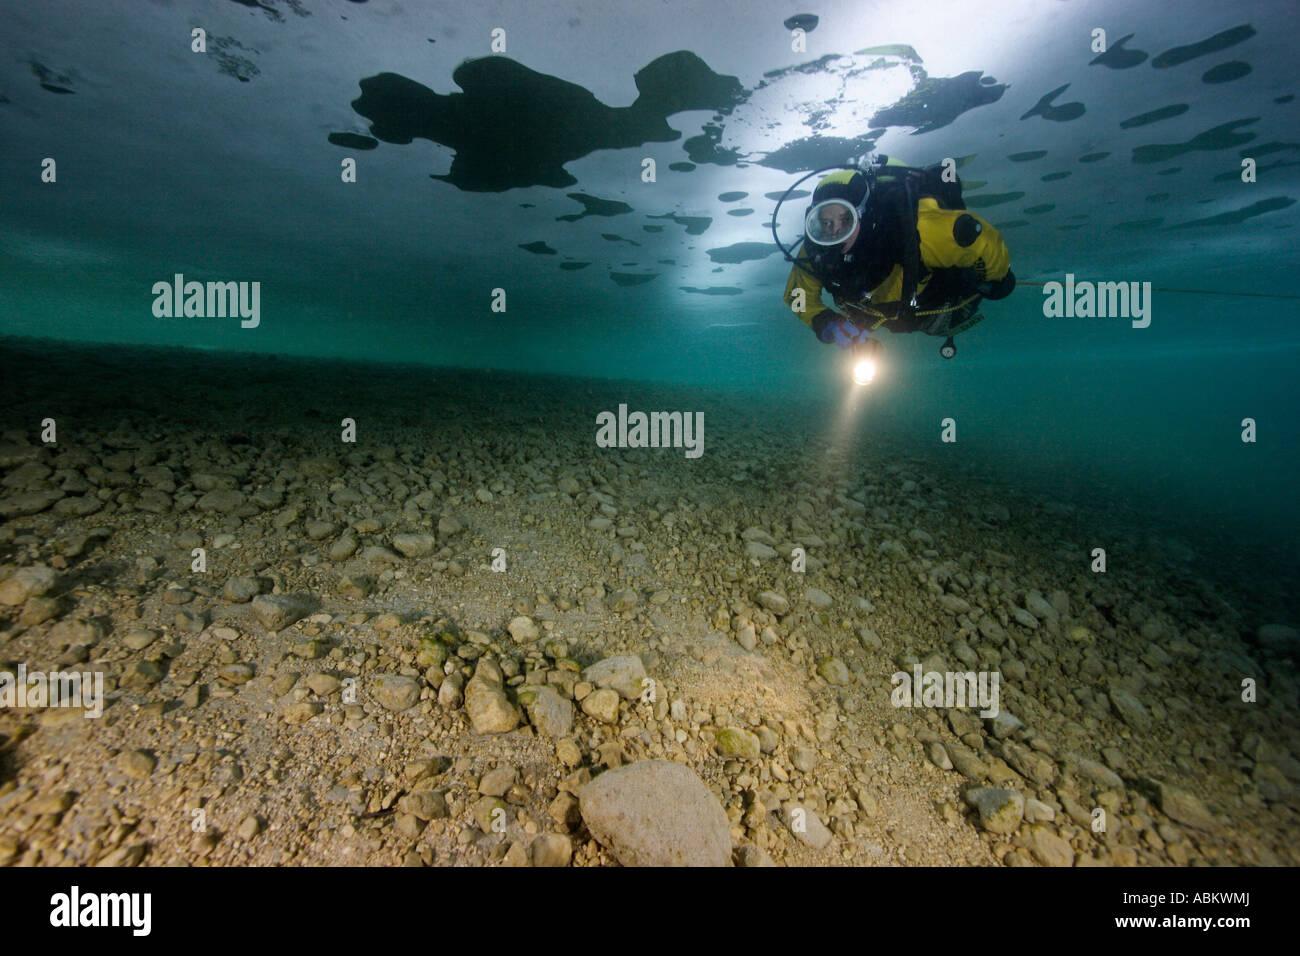 Plongée sous marine dans un lac gelé Photo Stock